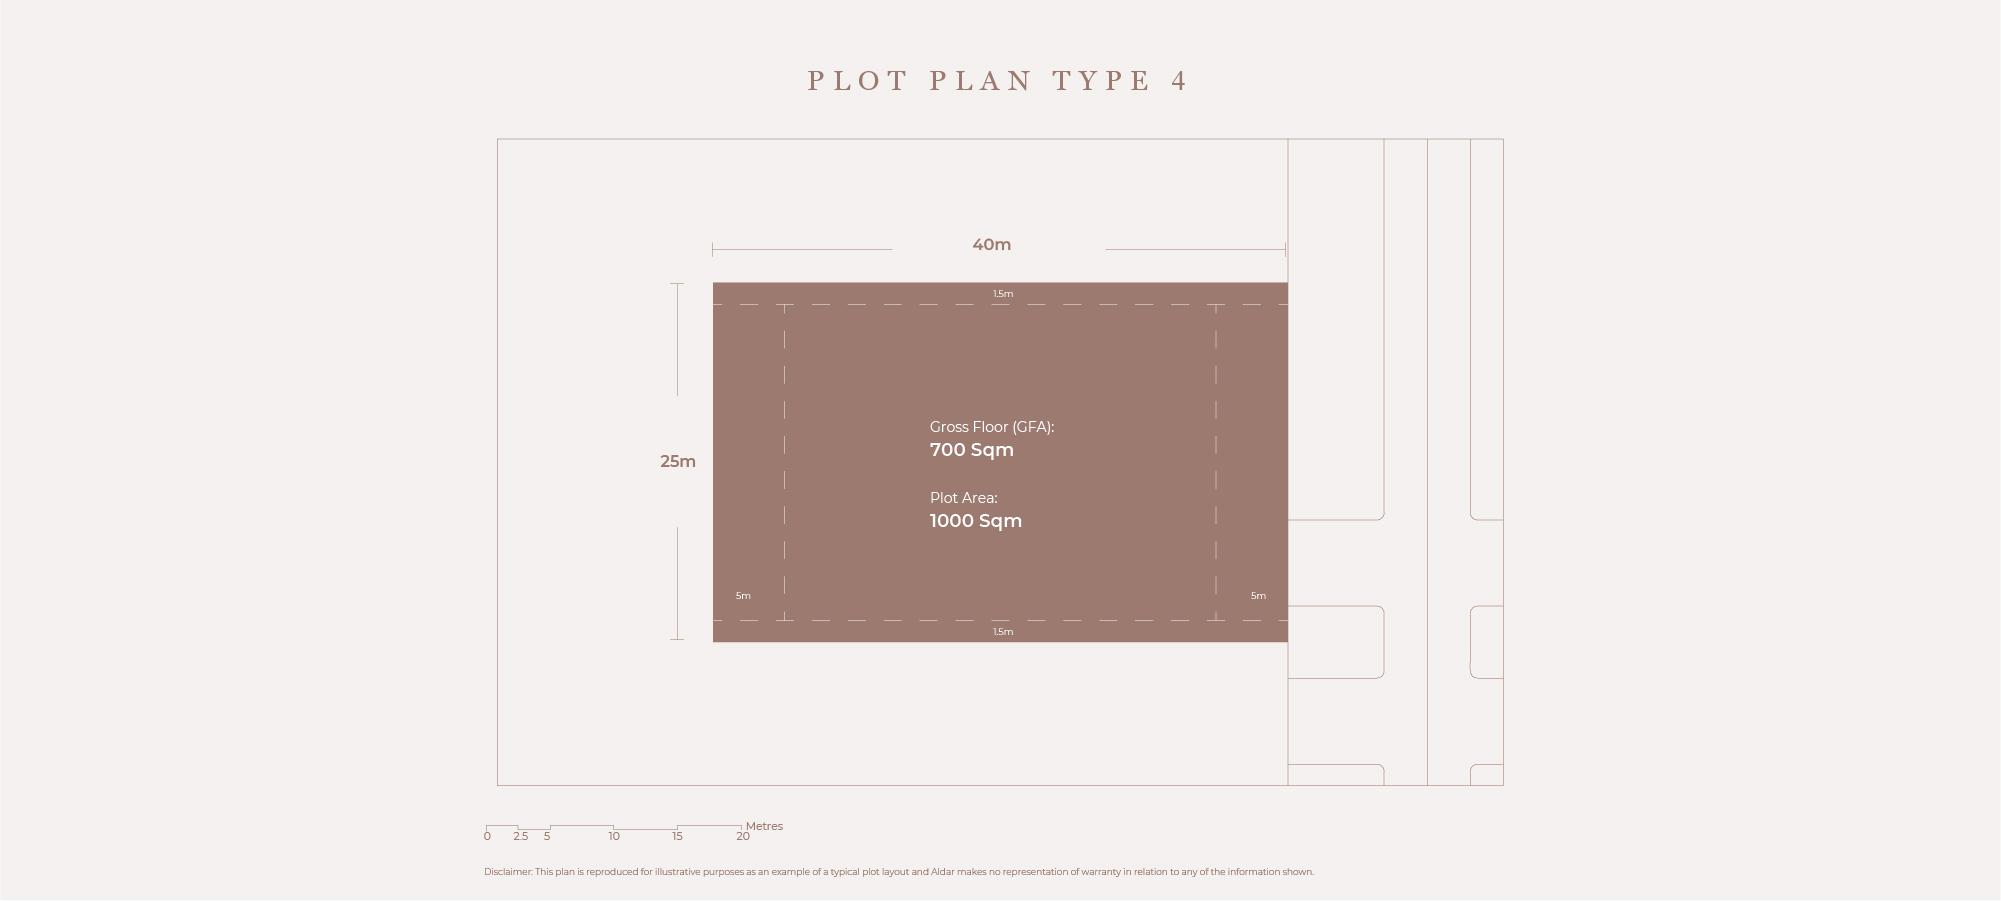 Plots Plan Type 4, Size 1000 Sqm